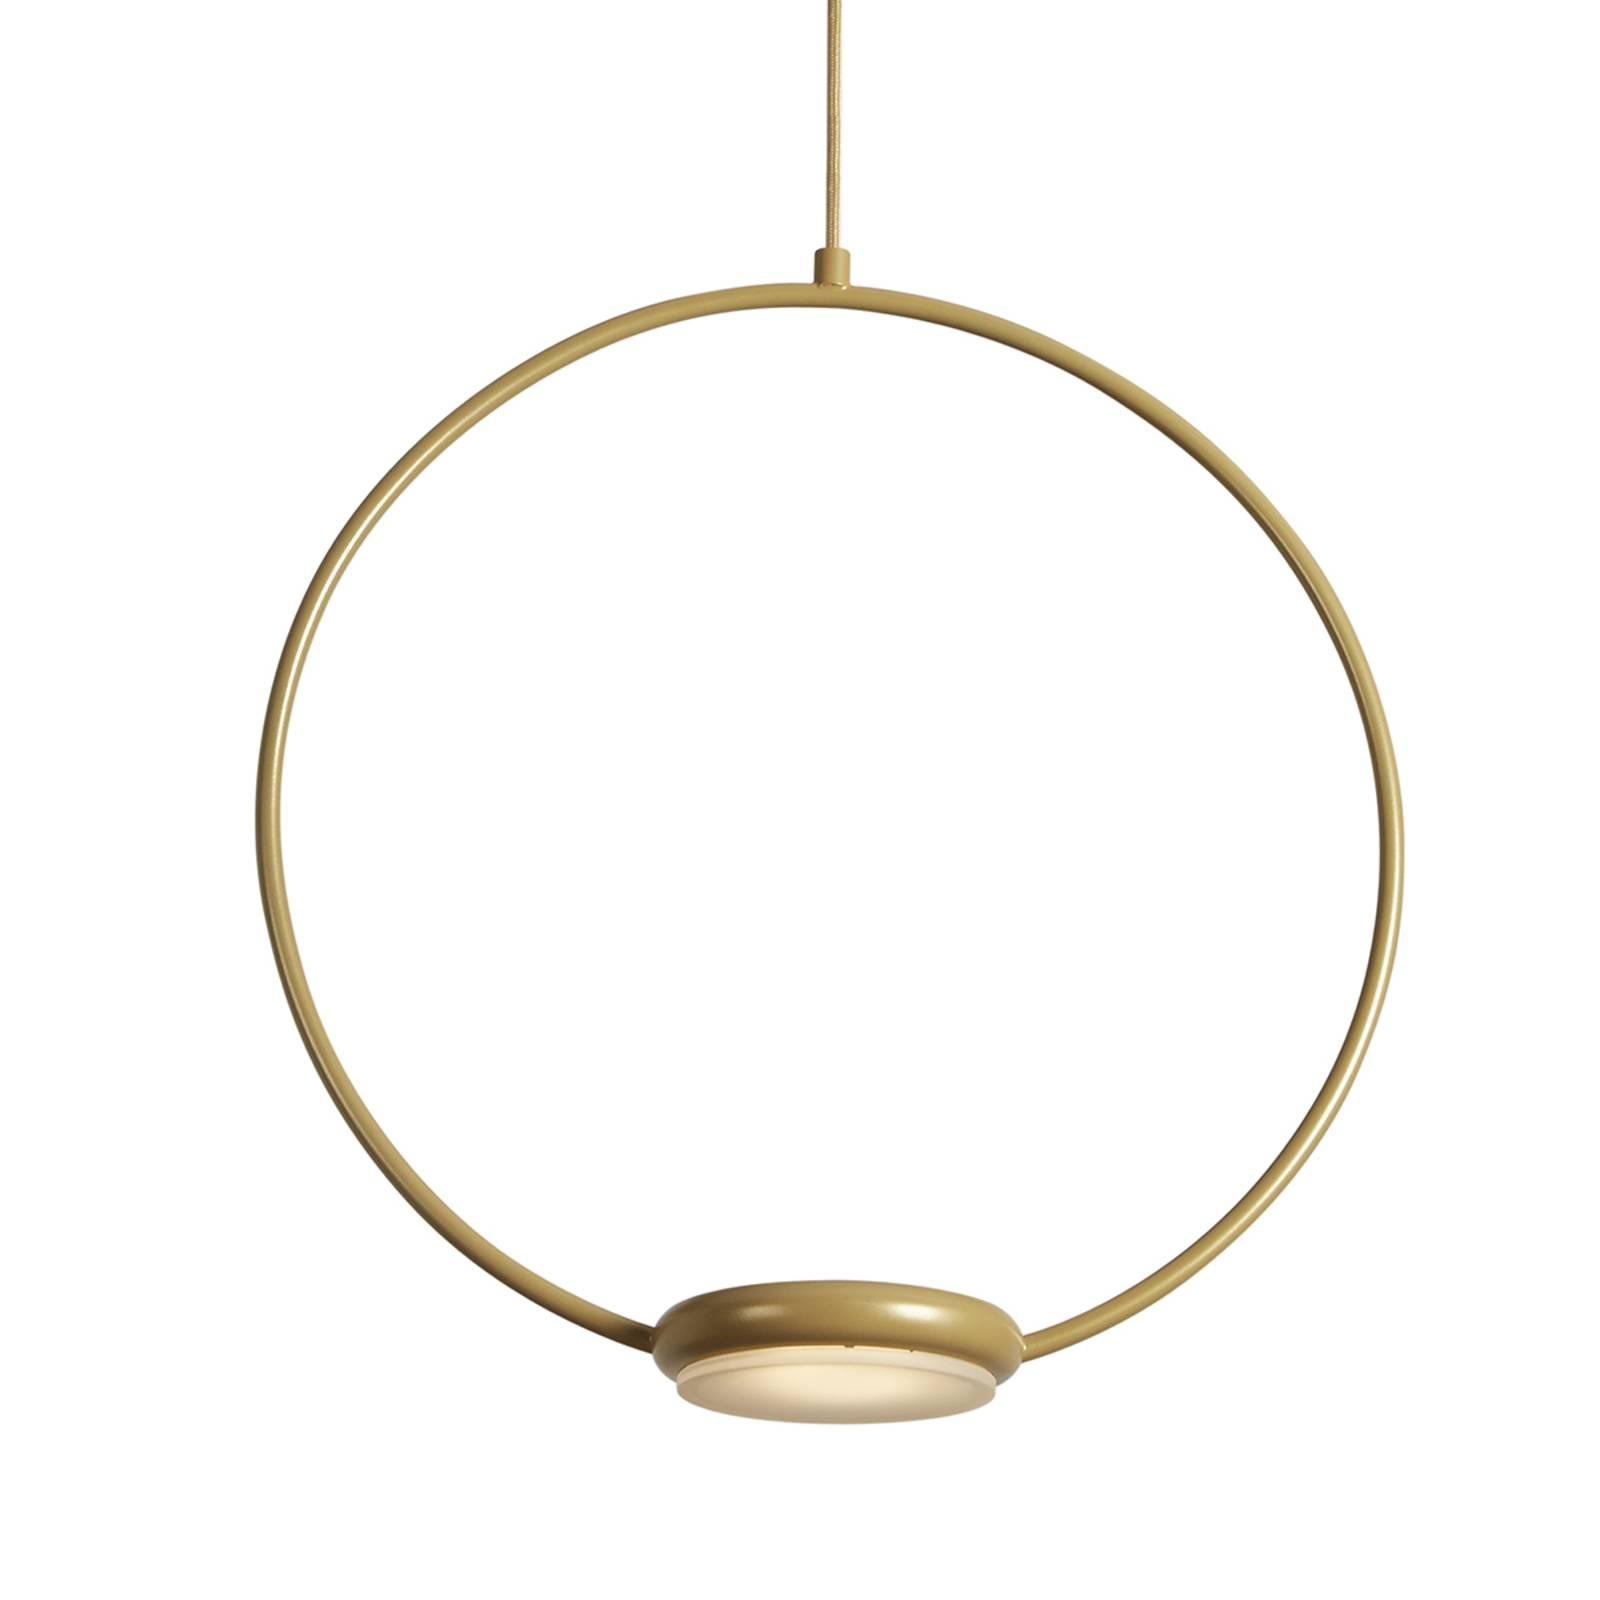 Kultainen Odigotto LED-kattovalaisin